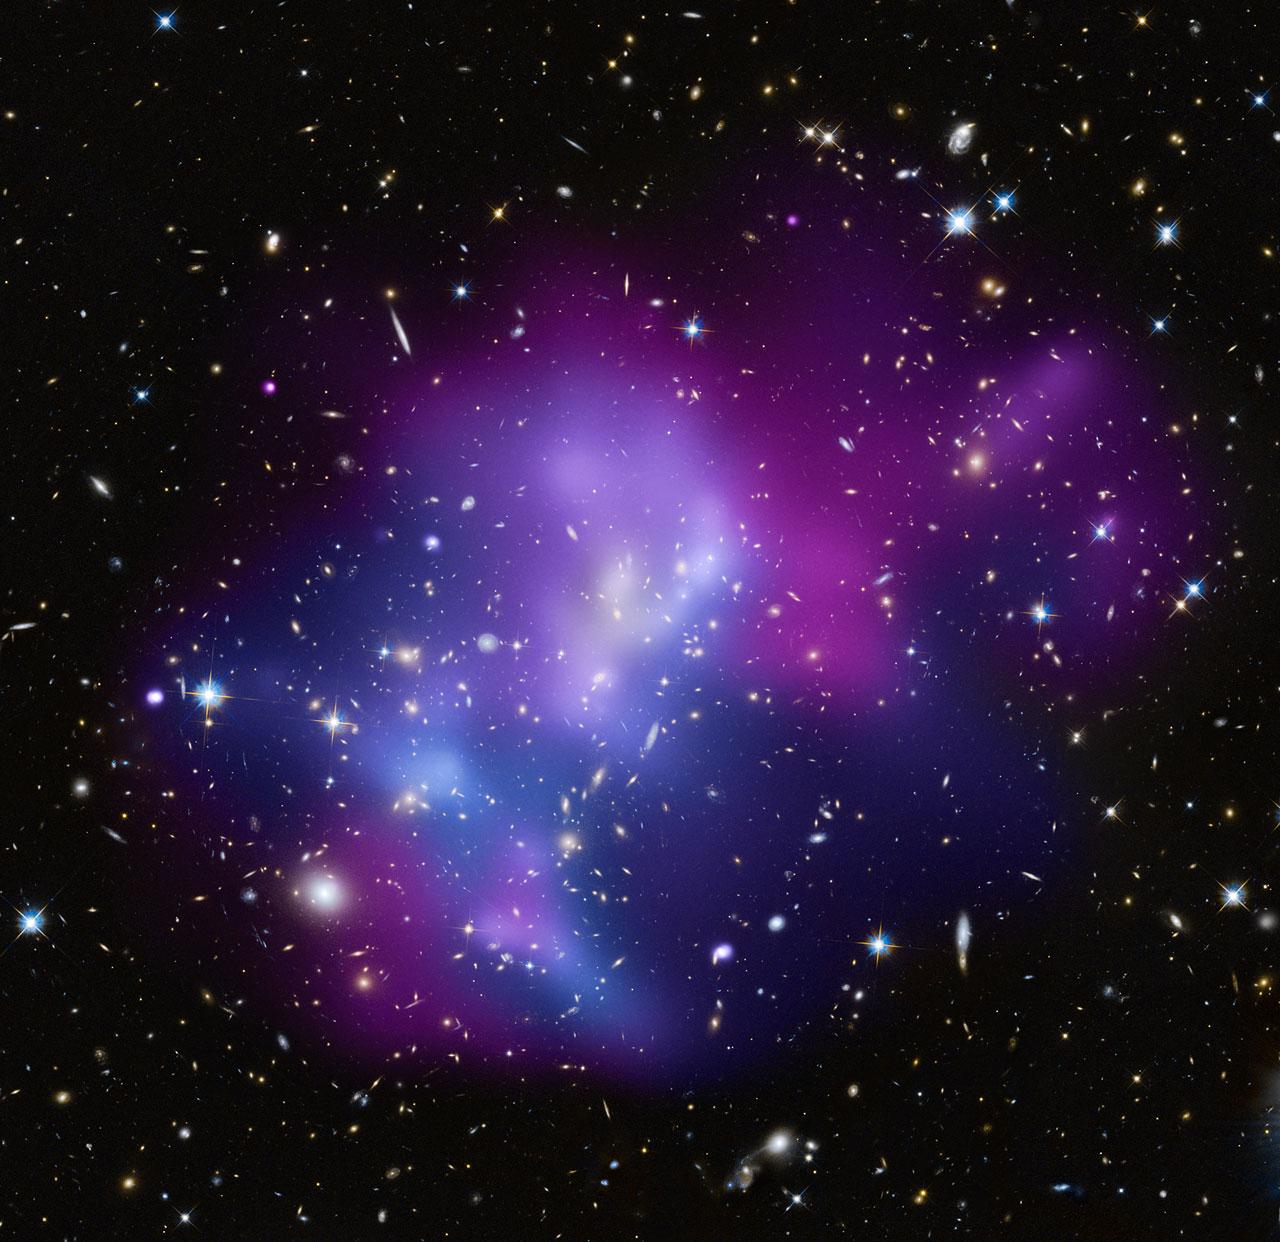 Galaxy cluster MACS J0717 | ESA/Hubble